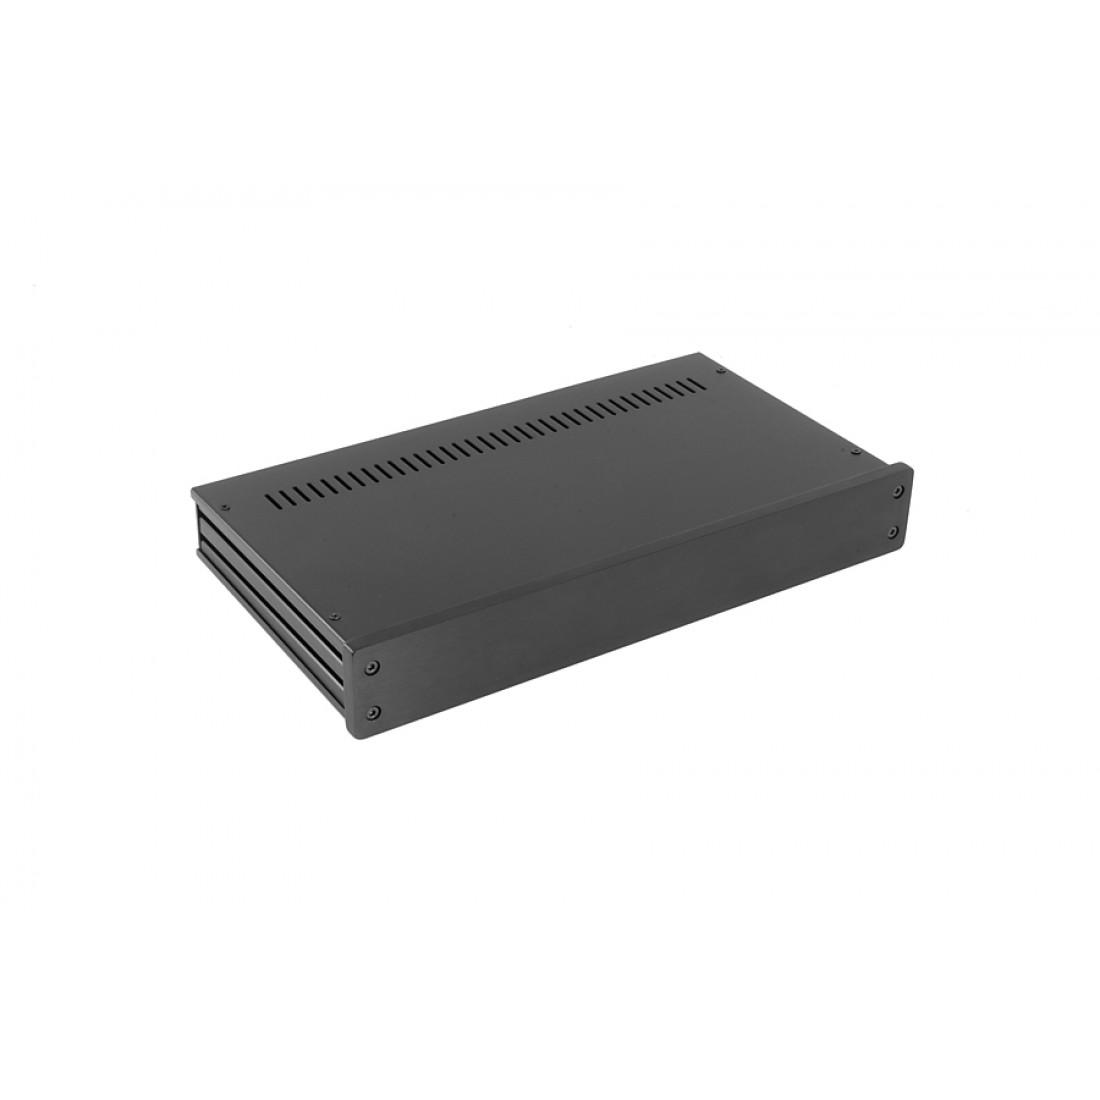 1NGX347N - 1U Galaxy krabice, 330 x 170 x 40mm, 10mm panel černý, Fe víka